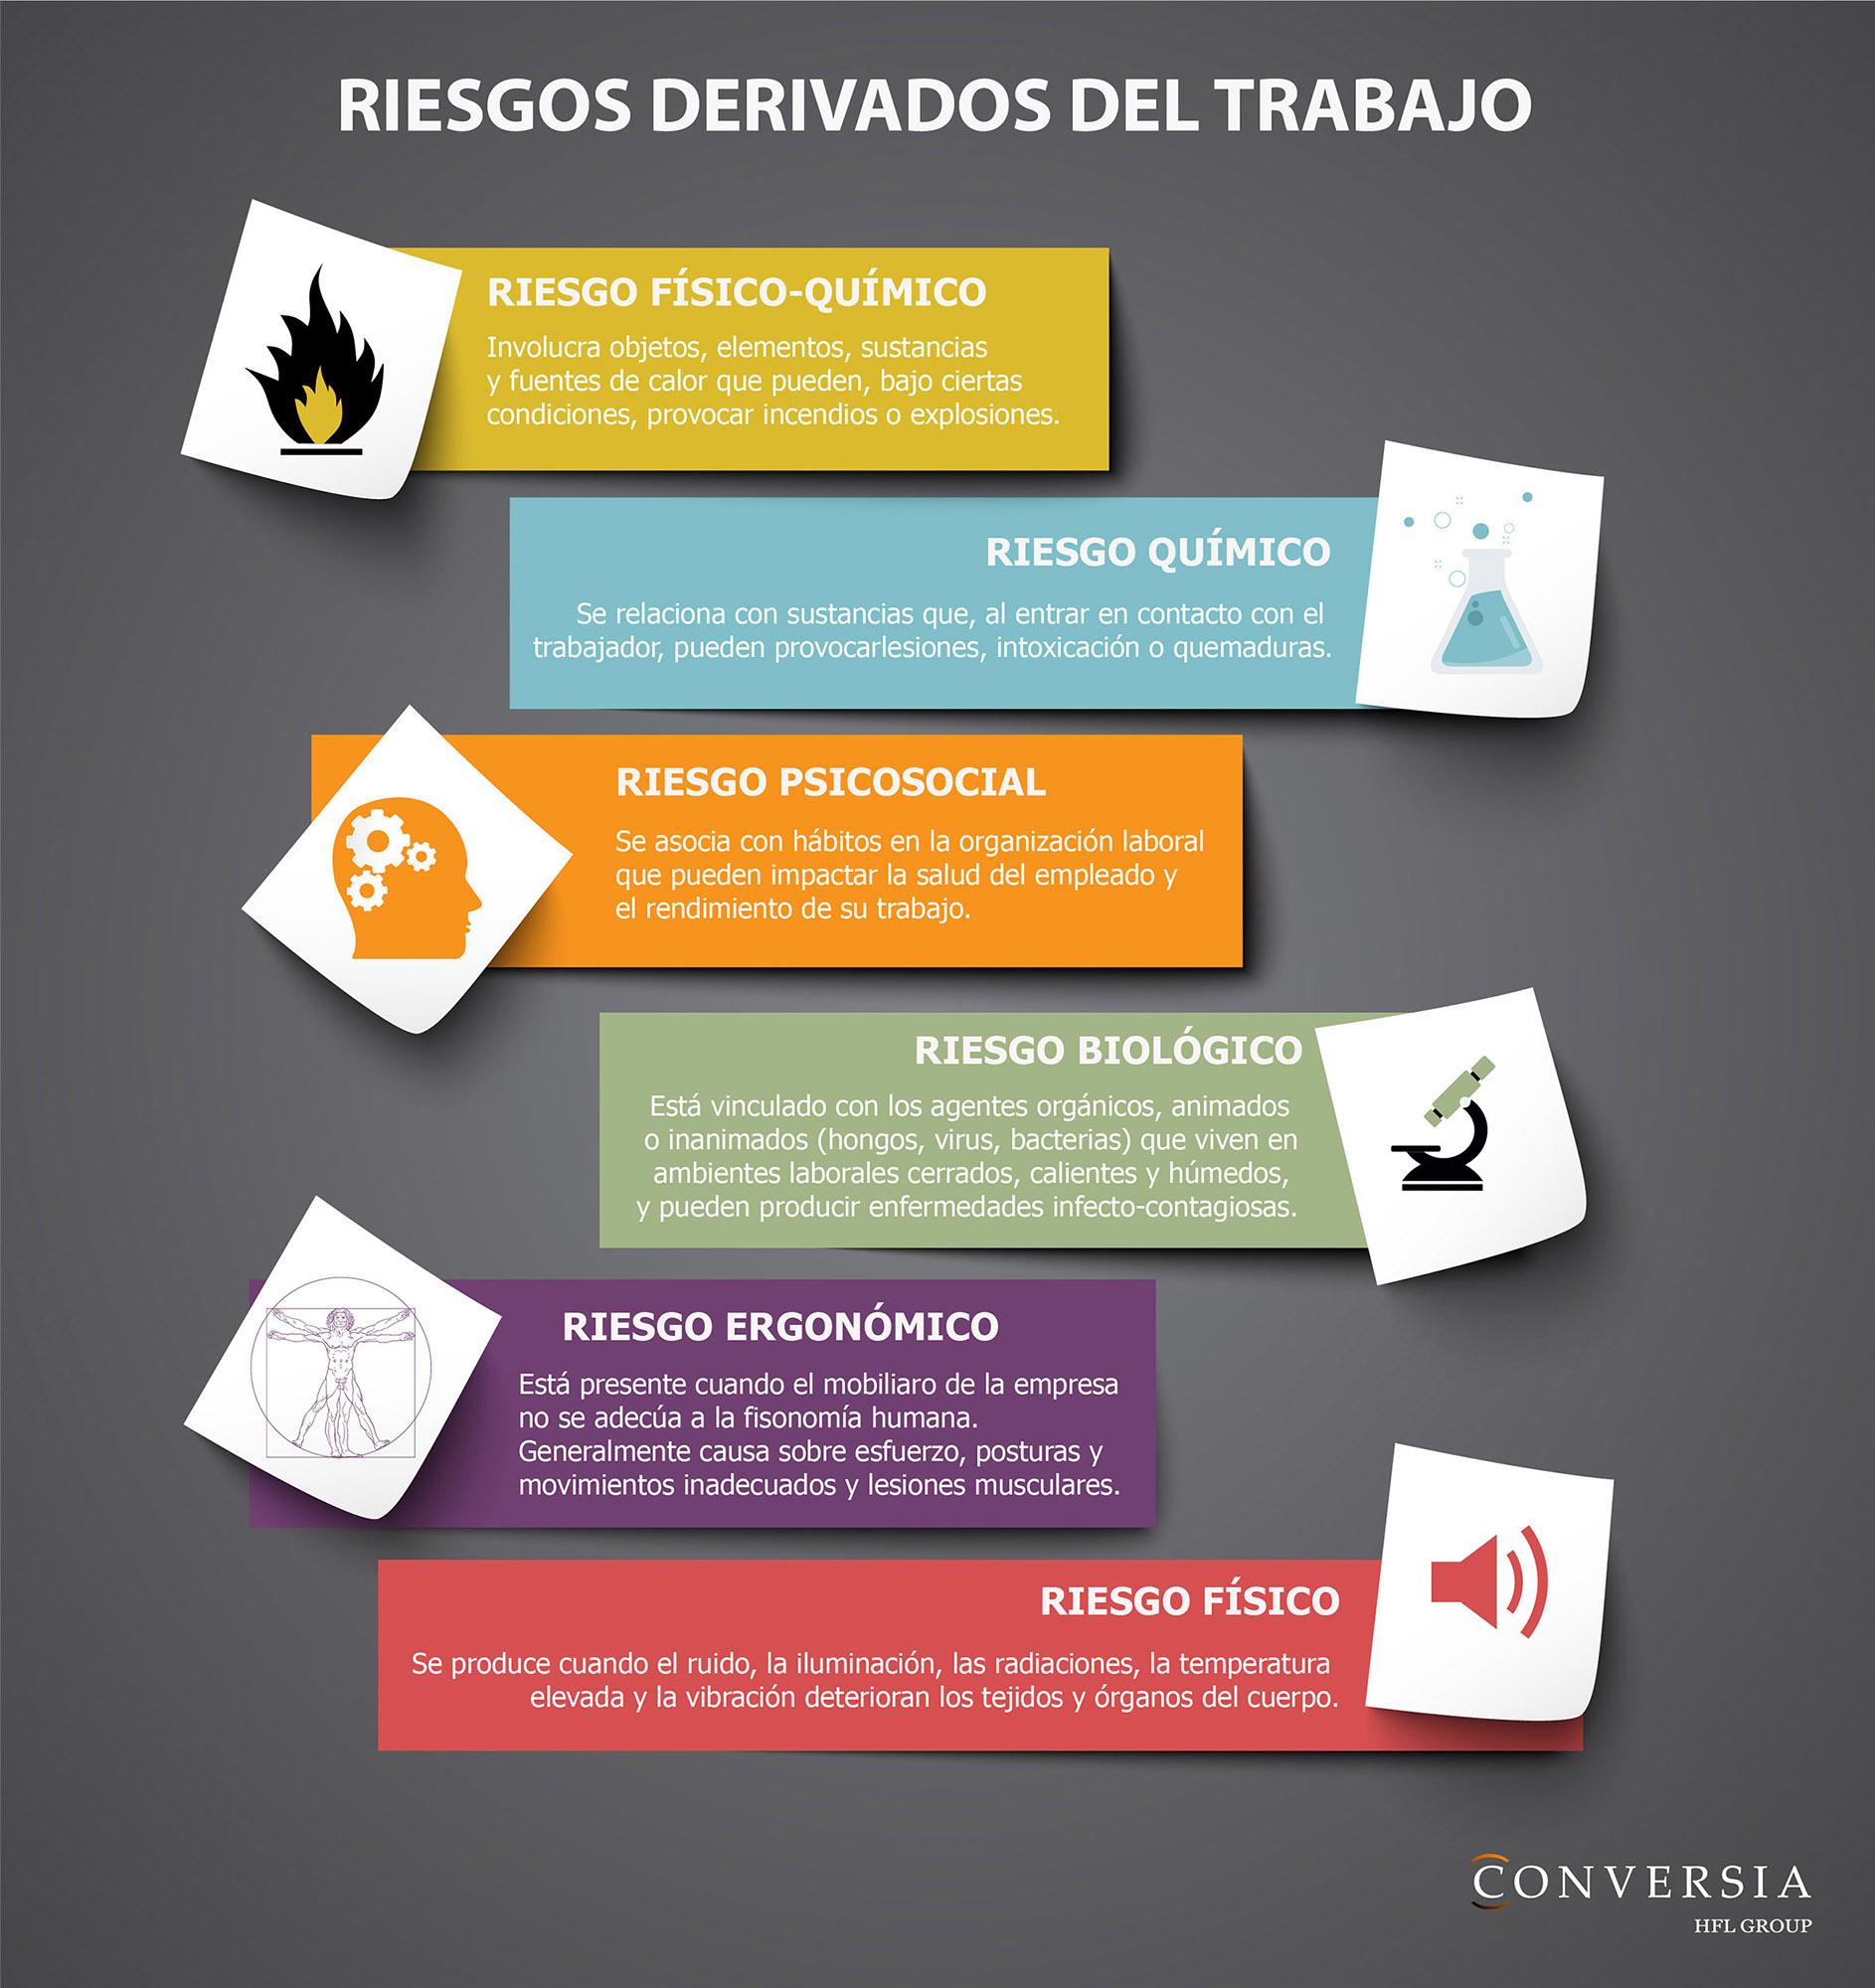 Infografía creada por Conversia sobre los problemas y riesgos derivados del trabajo